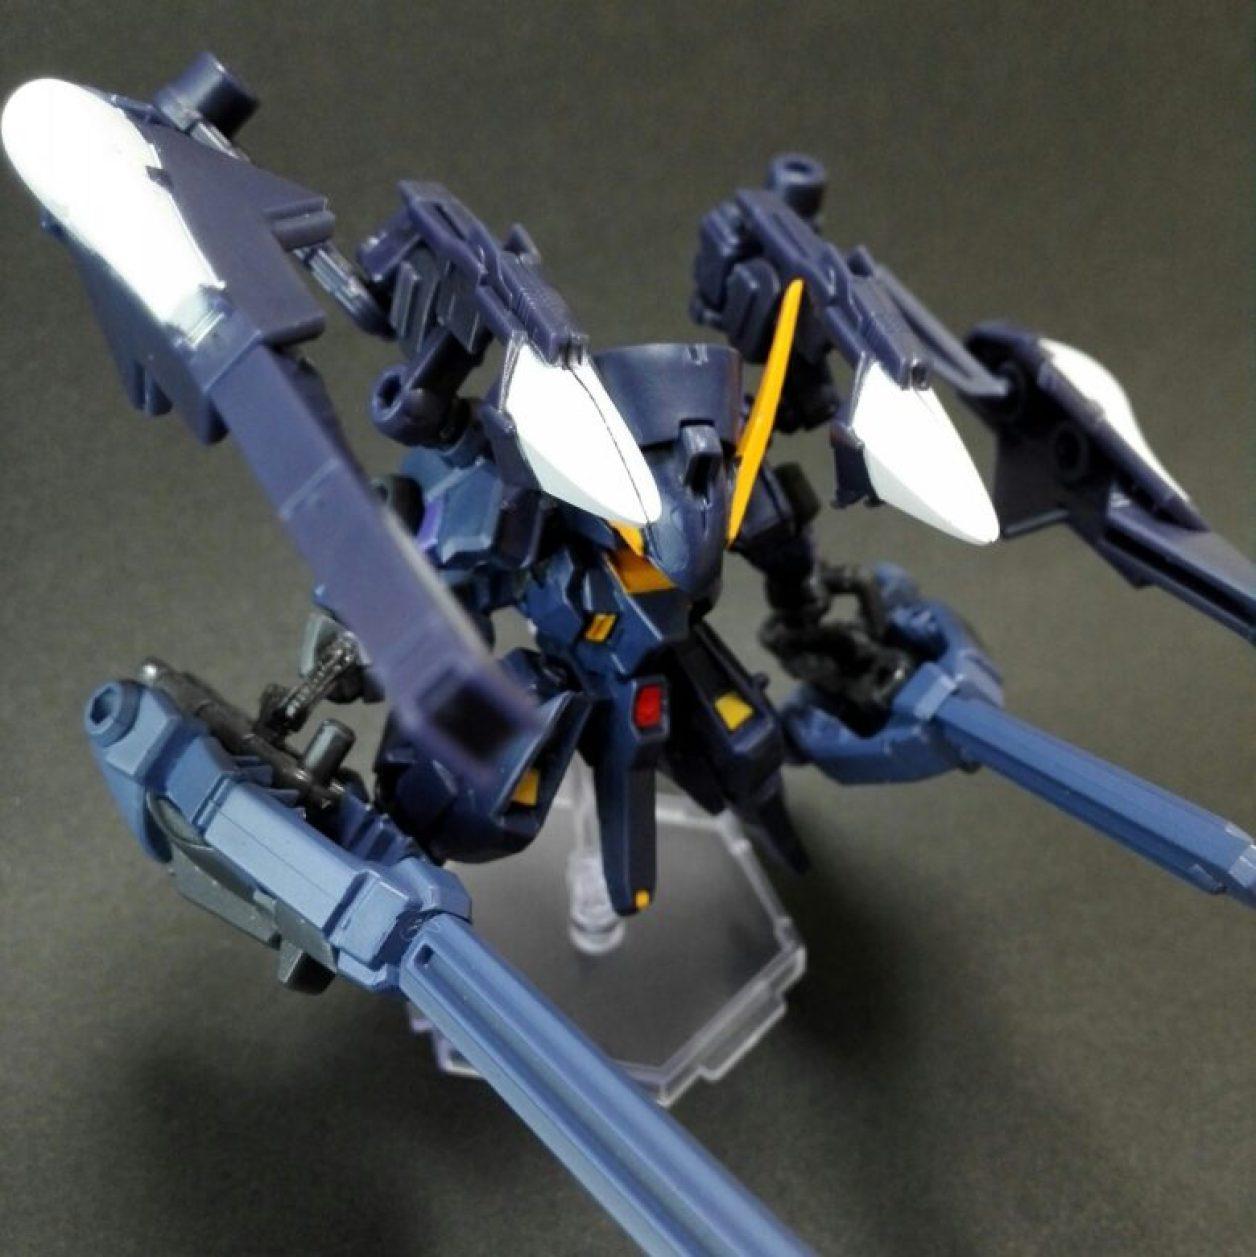 mobile suit ensemble(モビルスーツアンサンブル)4.5弾ウーンドウォート(ティターンズカラー)にフルドドIIを装備させてウーンドウォート・ラーIIとしてコンポジット・シールド・ブースター×2を装備させたコトブキヤのミニフライングベースでディスプレイしている状態の画像